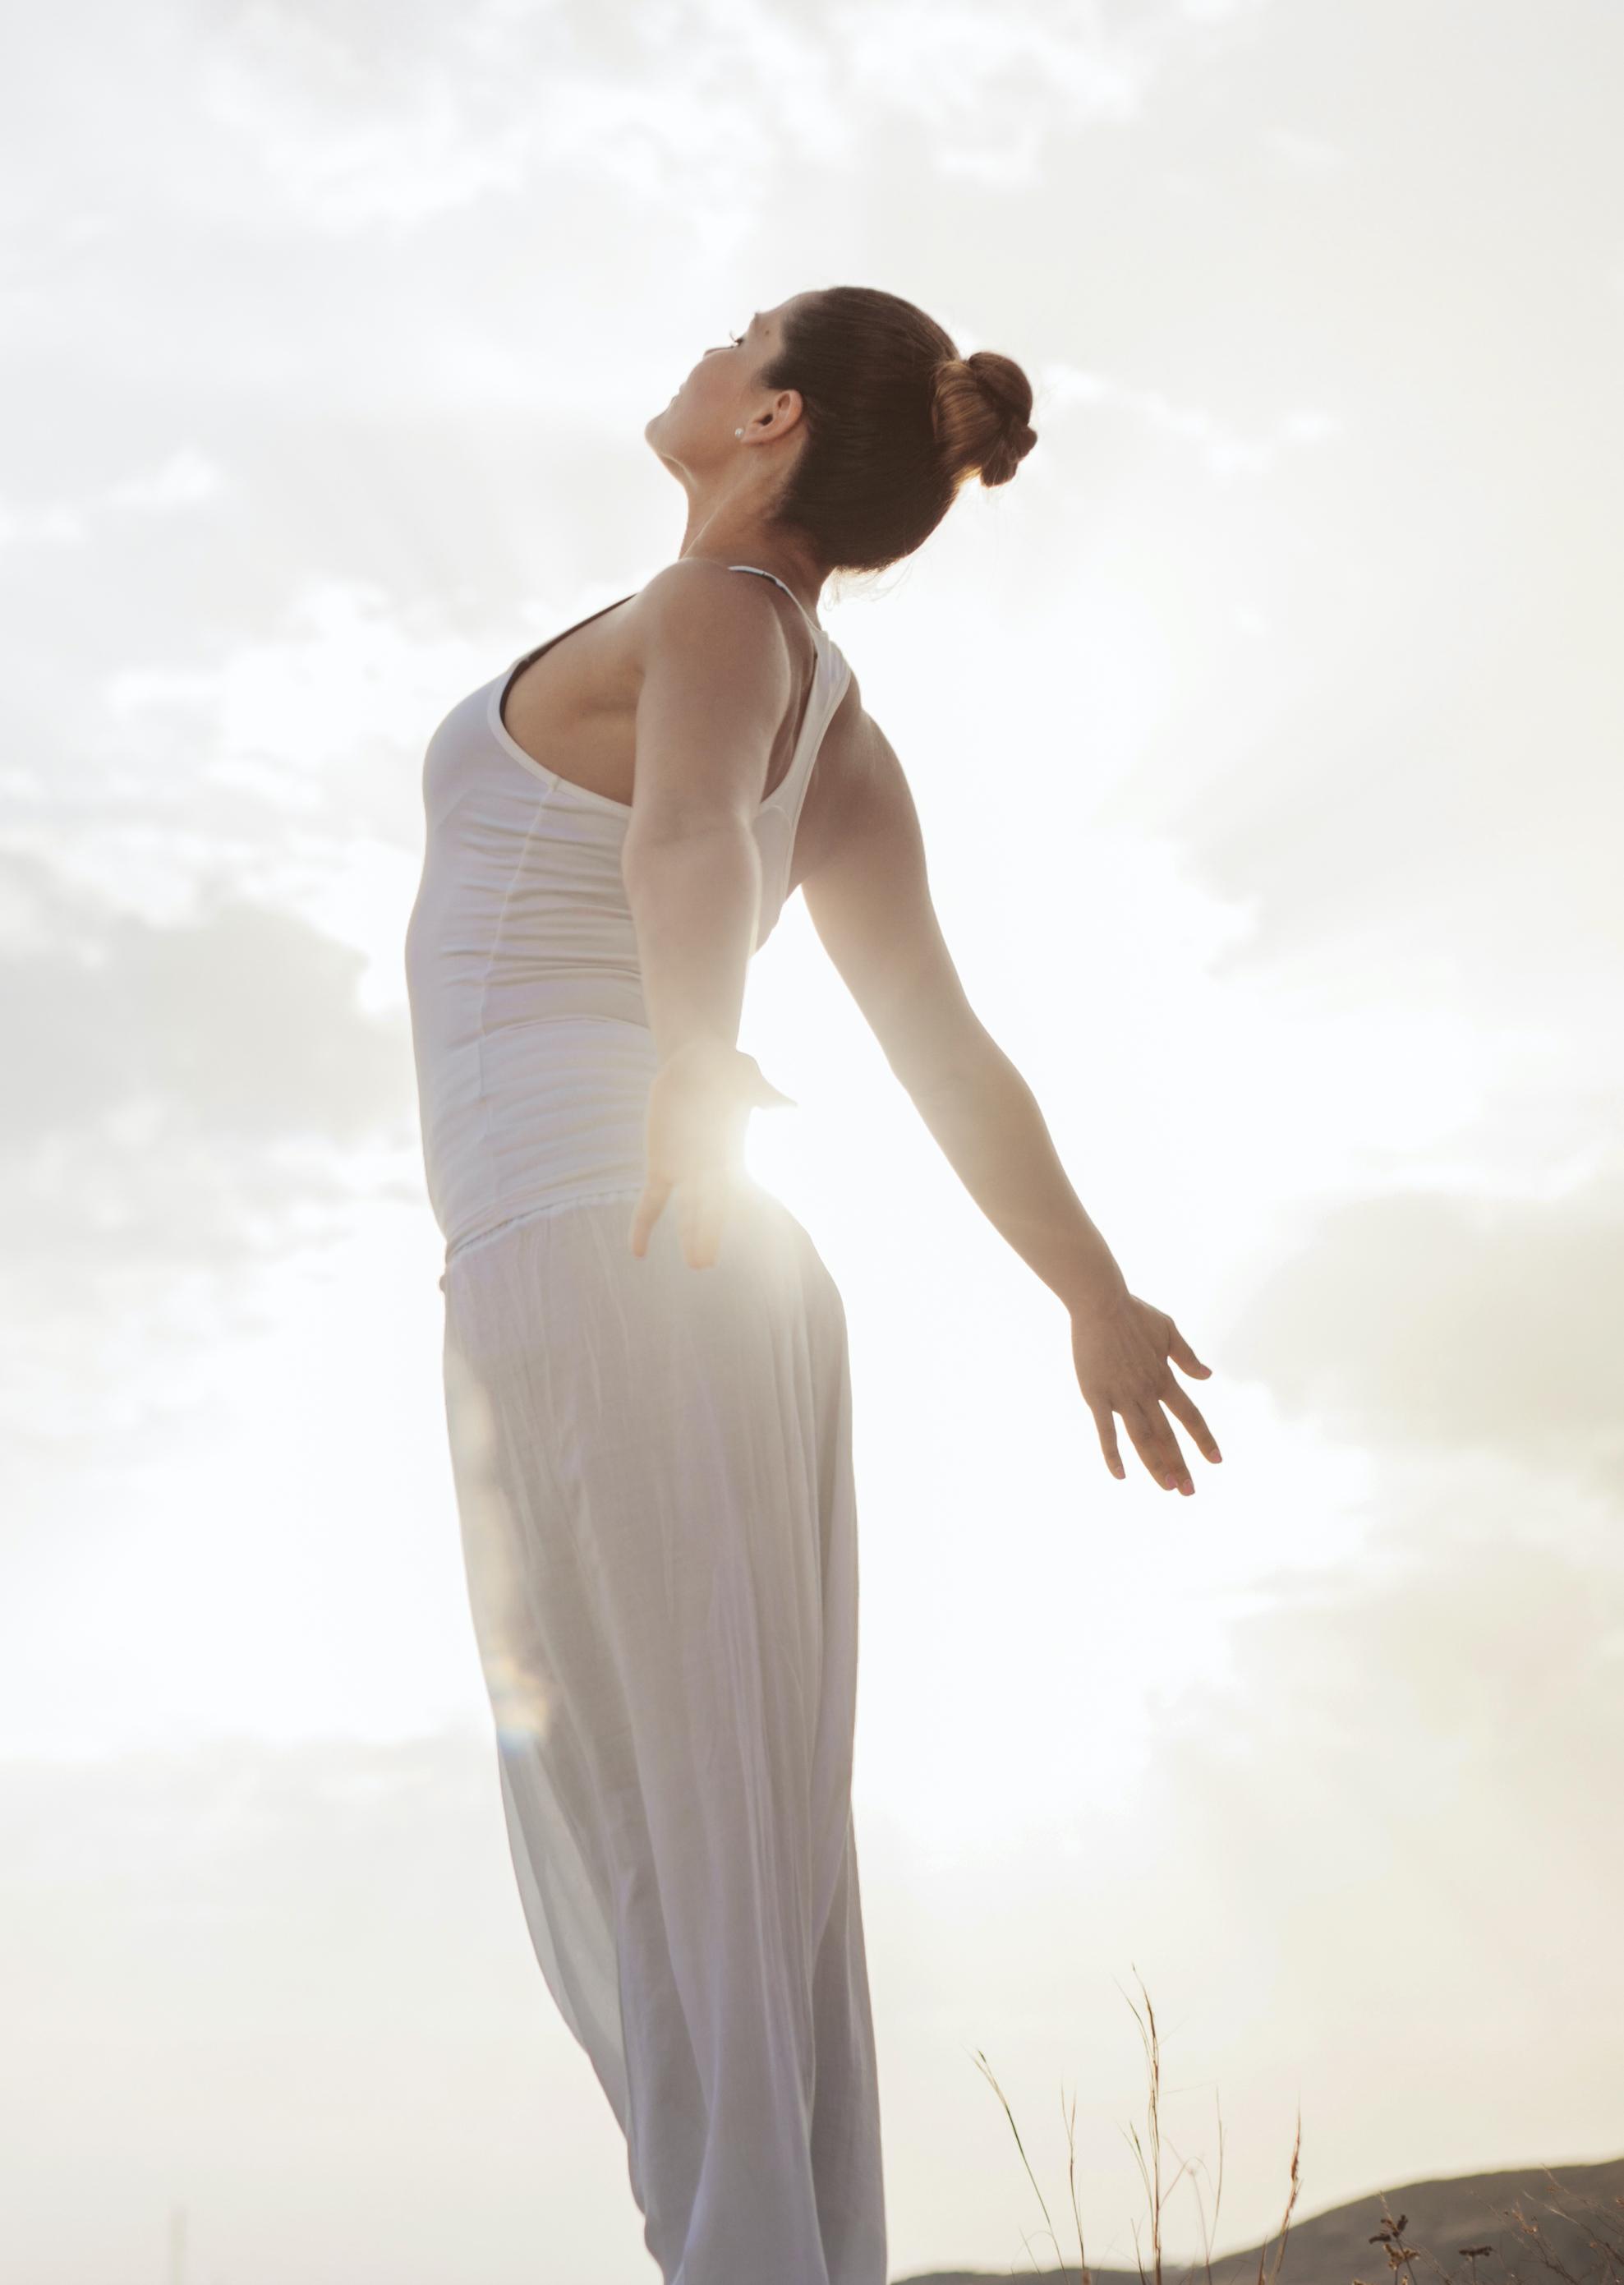 femme qui s'étire debout en regardant le ciel